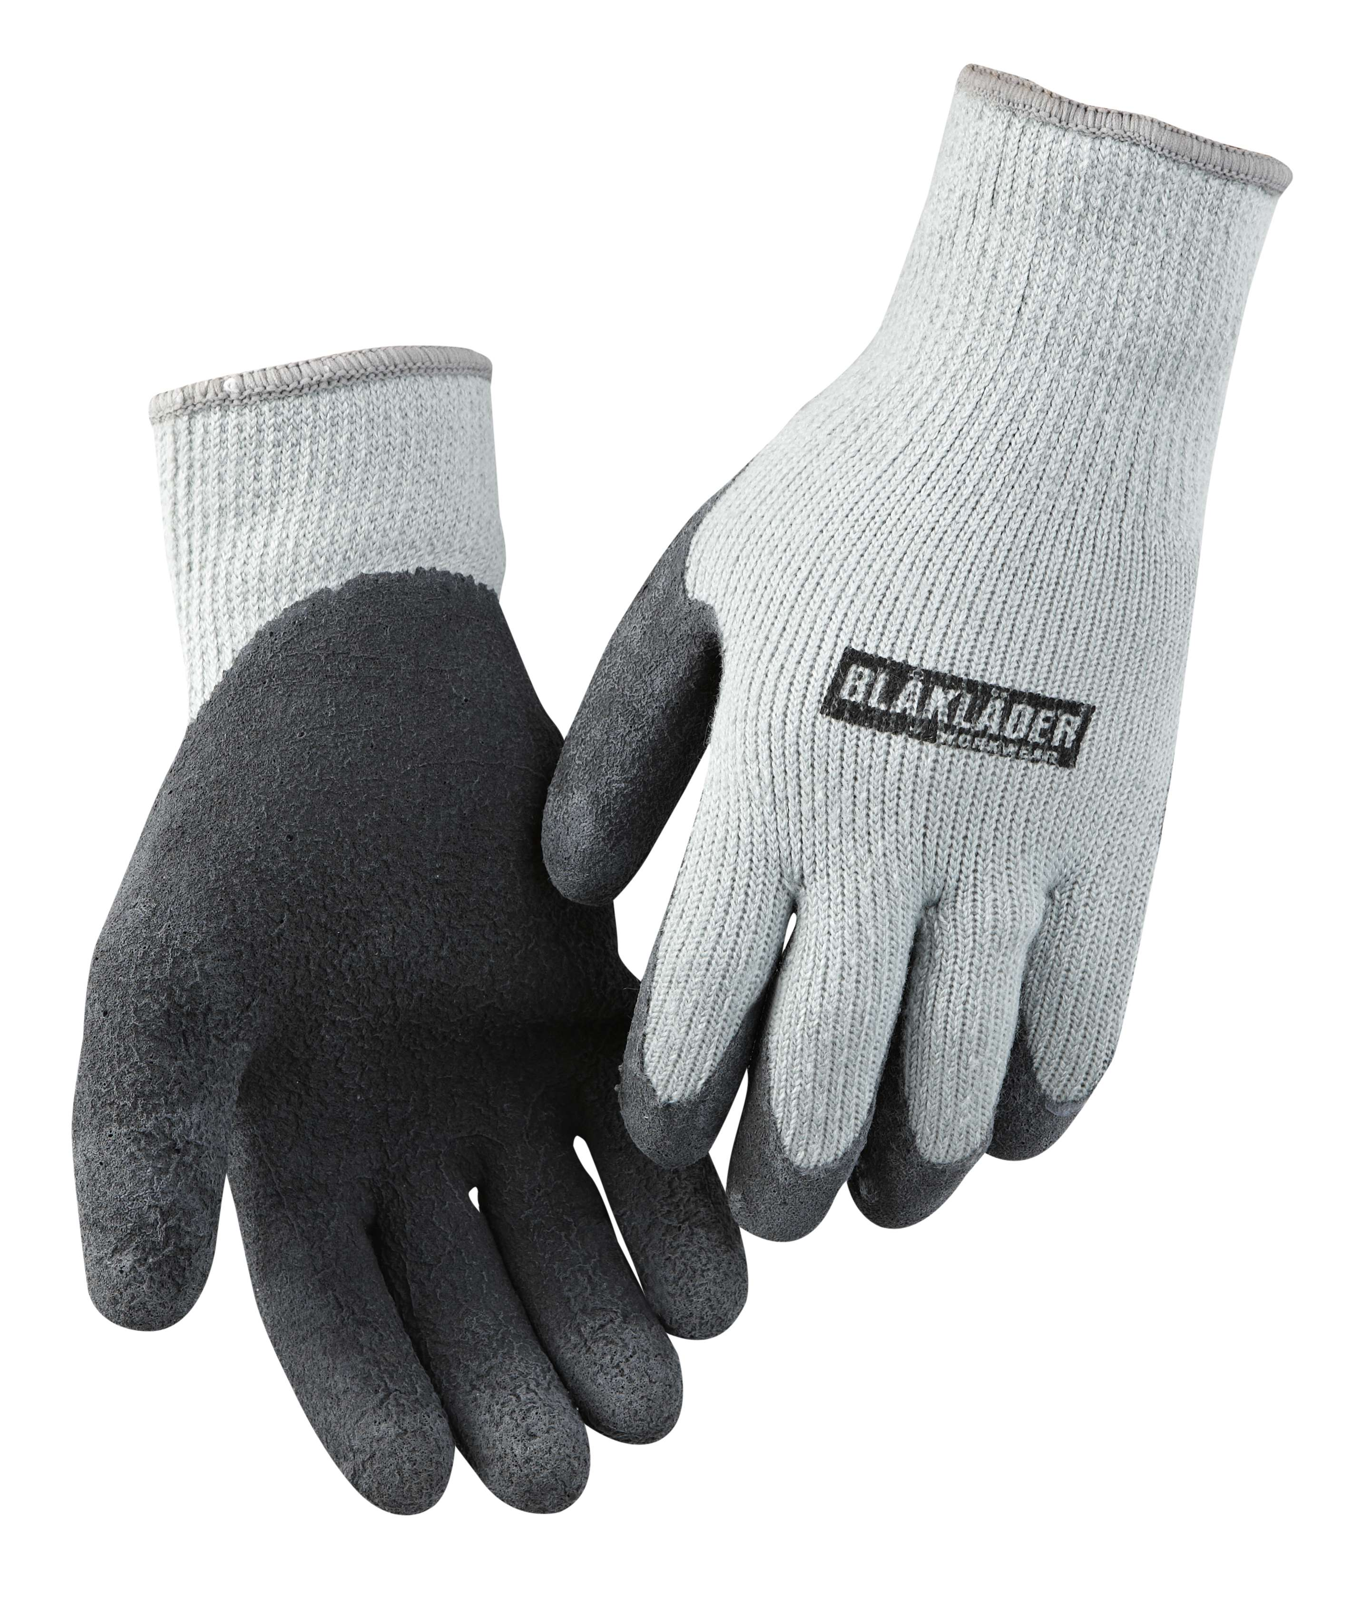 Blaklader Handschoenen 22753947 grijs-zwart(6)